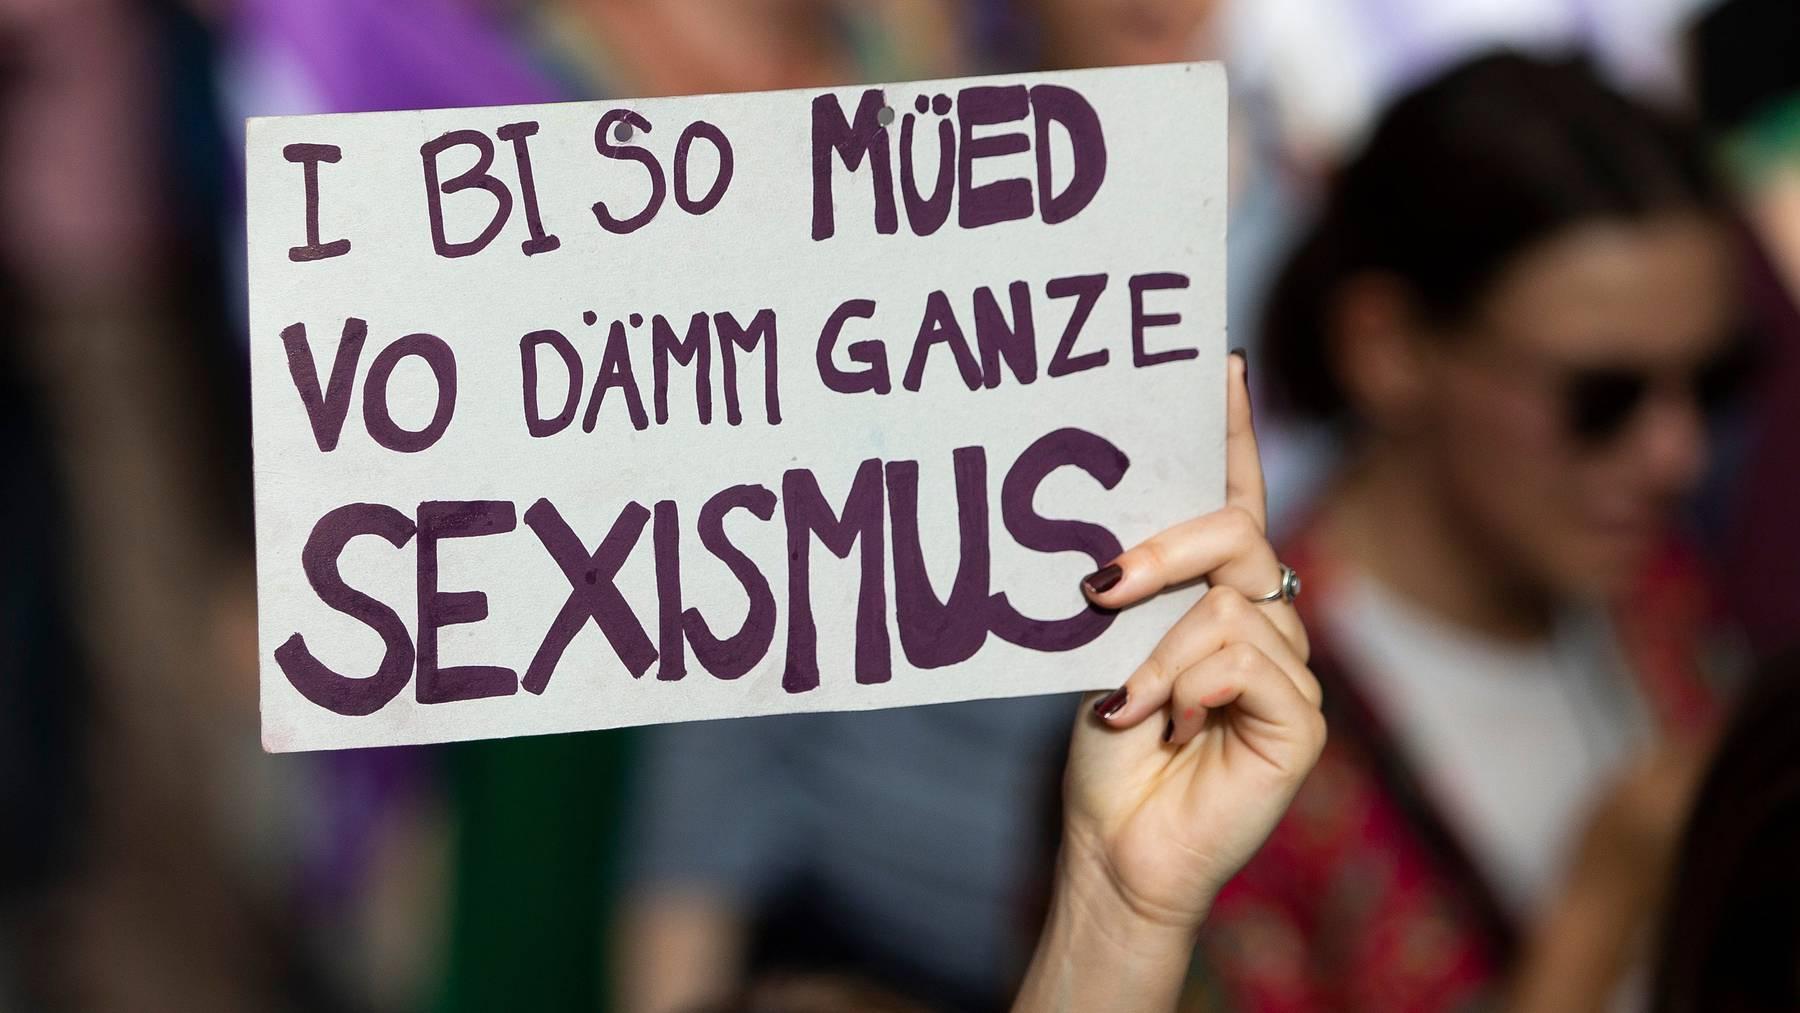 Eine Frau demonstriert am Frauenstreik von Juni 2019 gegen Sexismus.